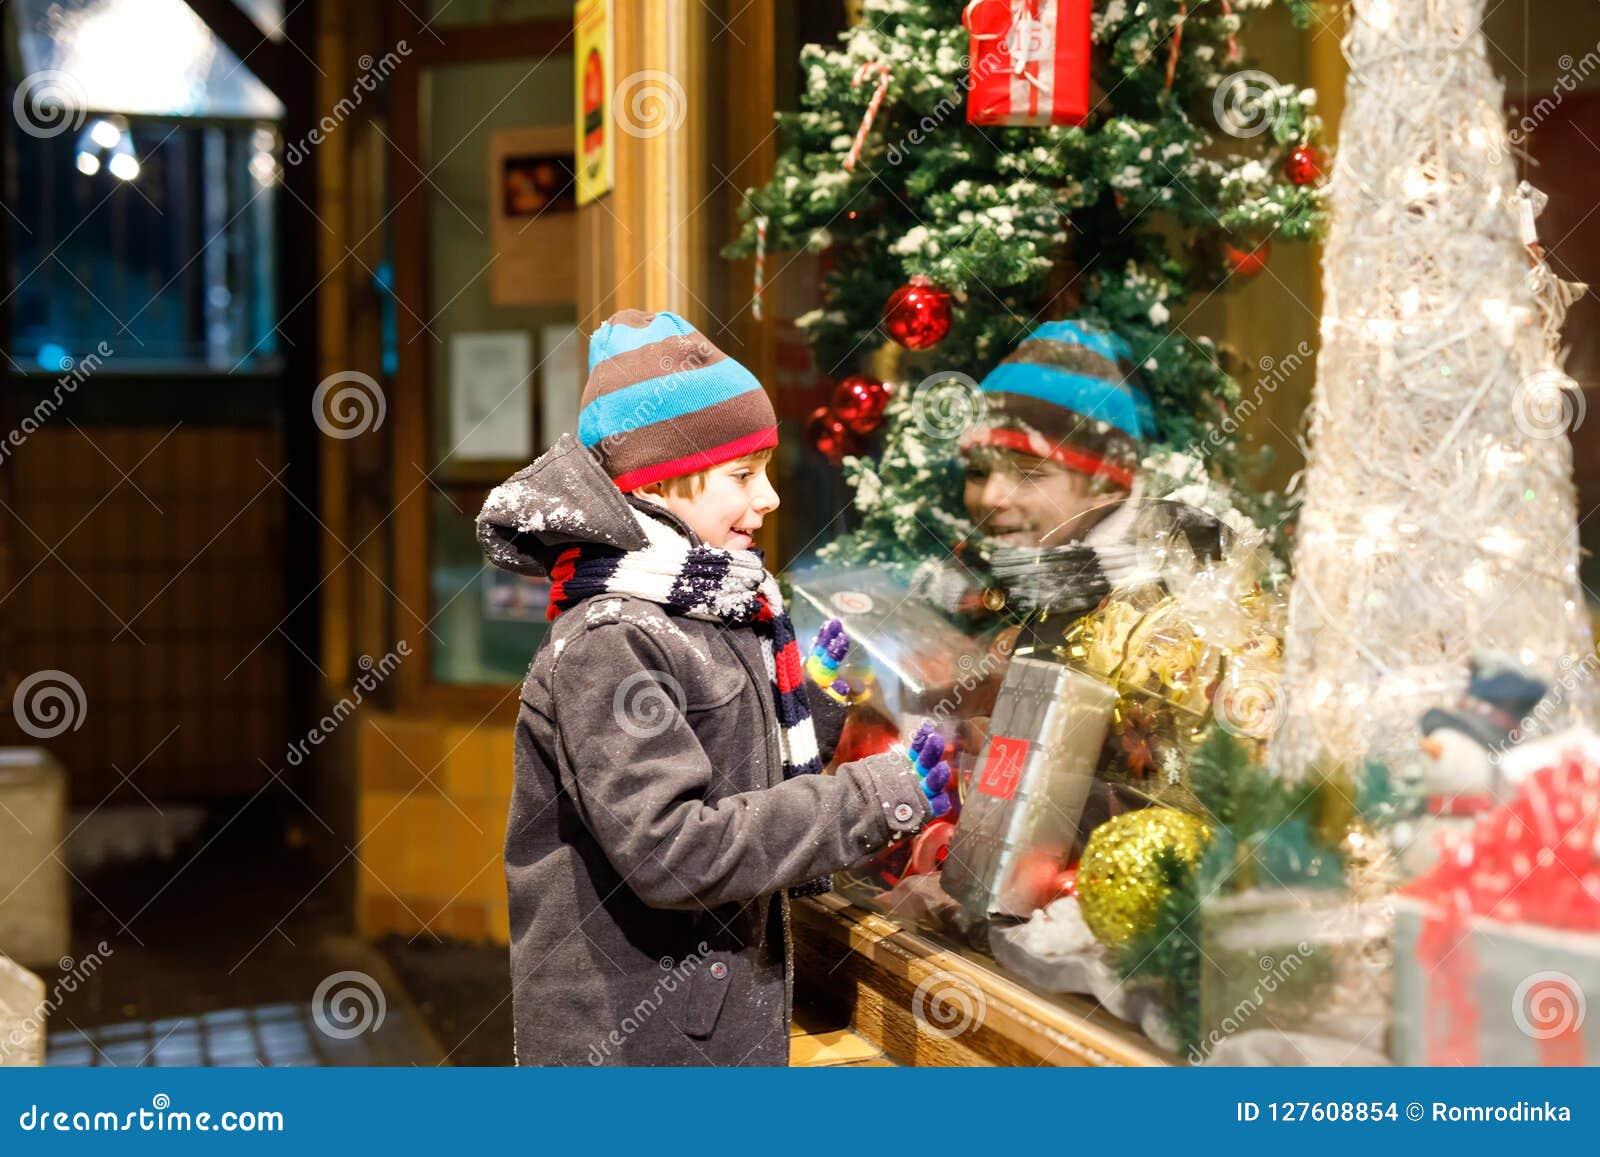 Det roliga lyckliga barnet i modevinter beklär danandefönstershopping som dekoreras med gåvor, xmas-träd